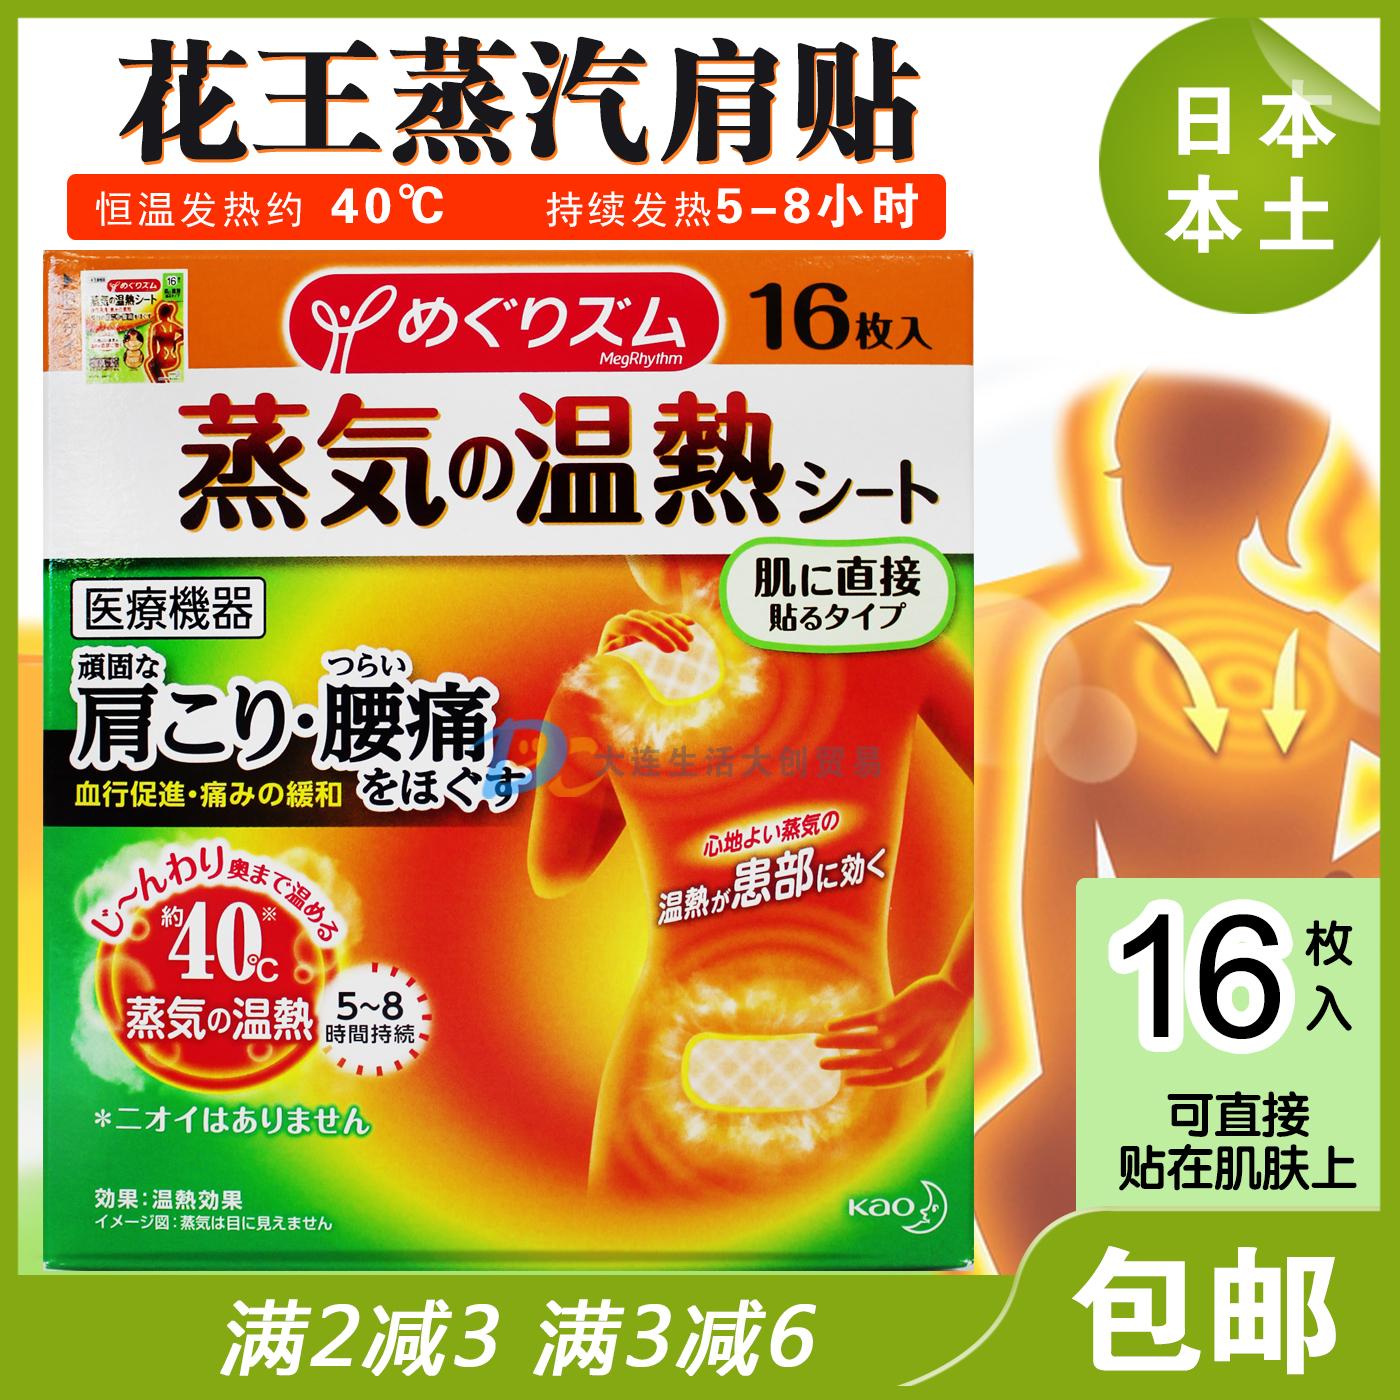 日本进口花王蒸汽热敷肩贴肩膀腰颈椎缓解压力肌肉酸痛暖宝宝16片